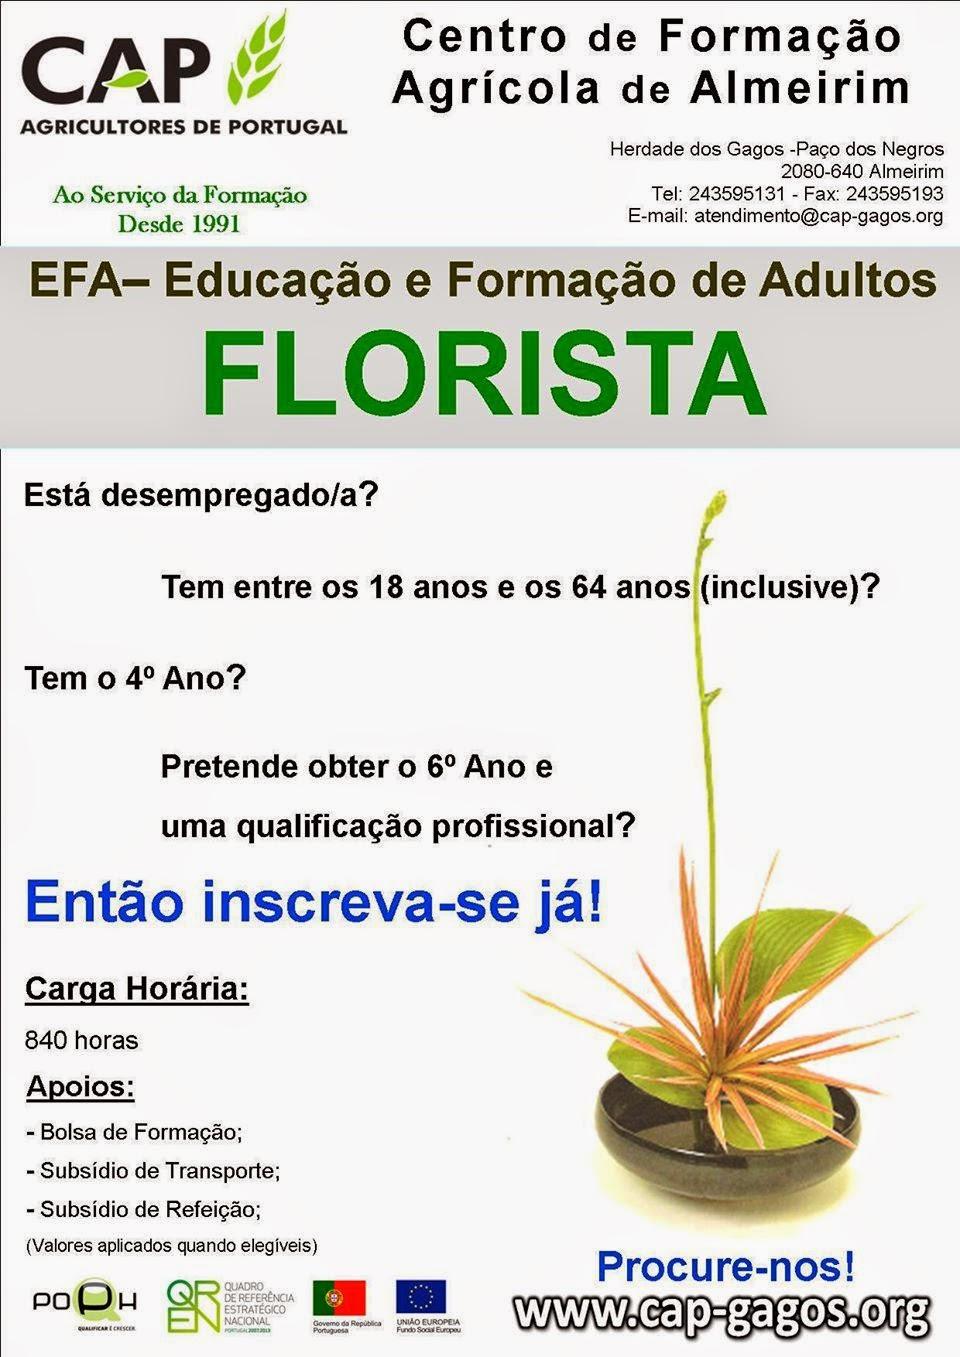 Curso efa de florista em Almeirim (equivalência ao 6º ano de escolaridade)